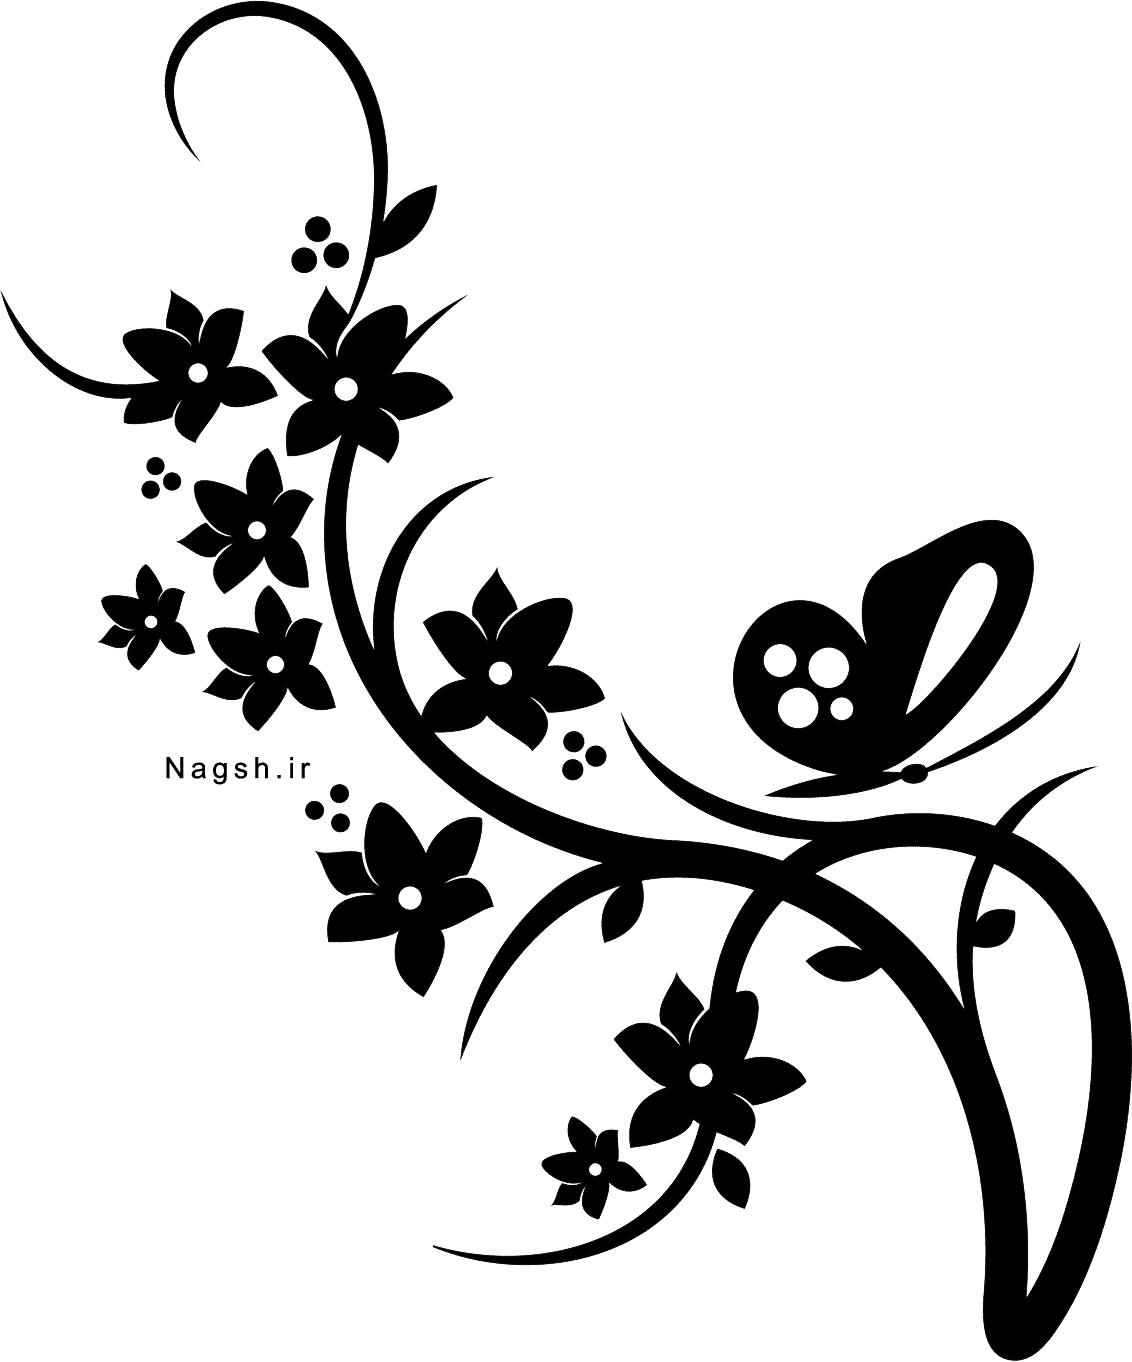 گل و بوته با زمینه شفاف